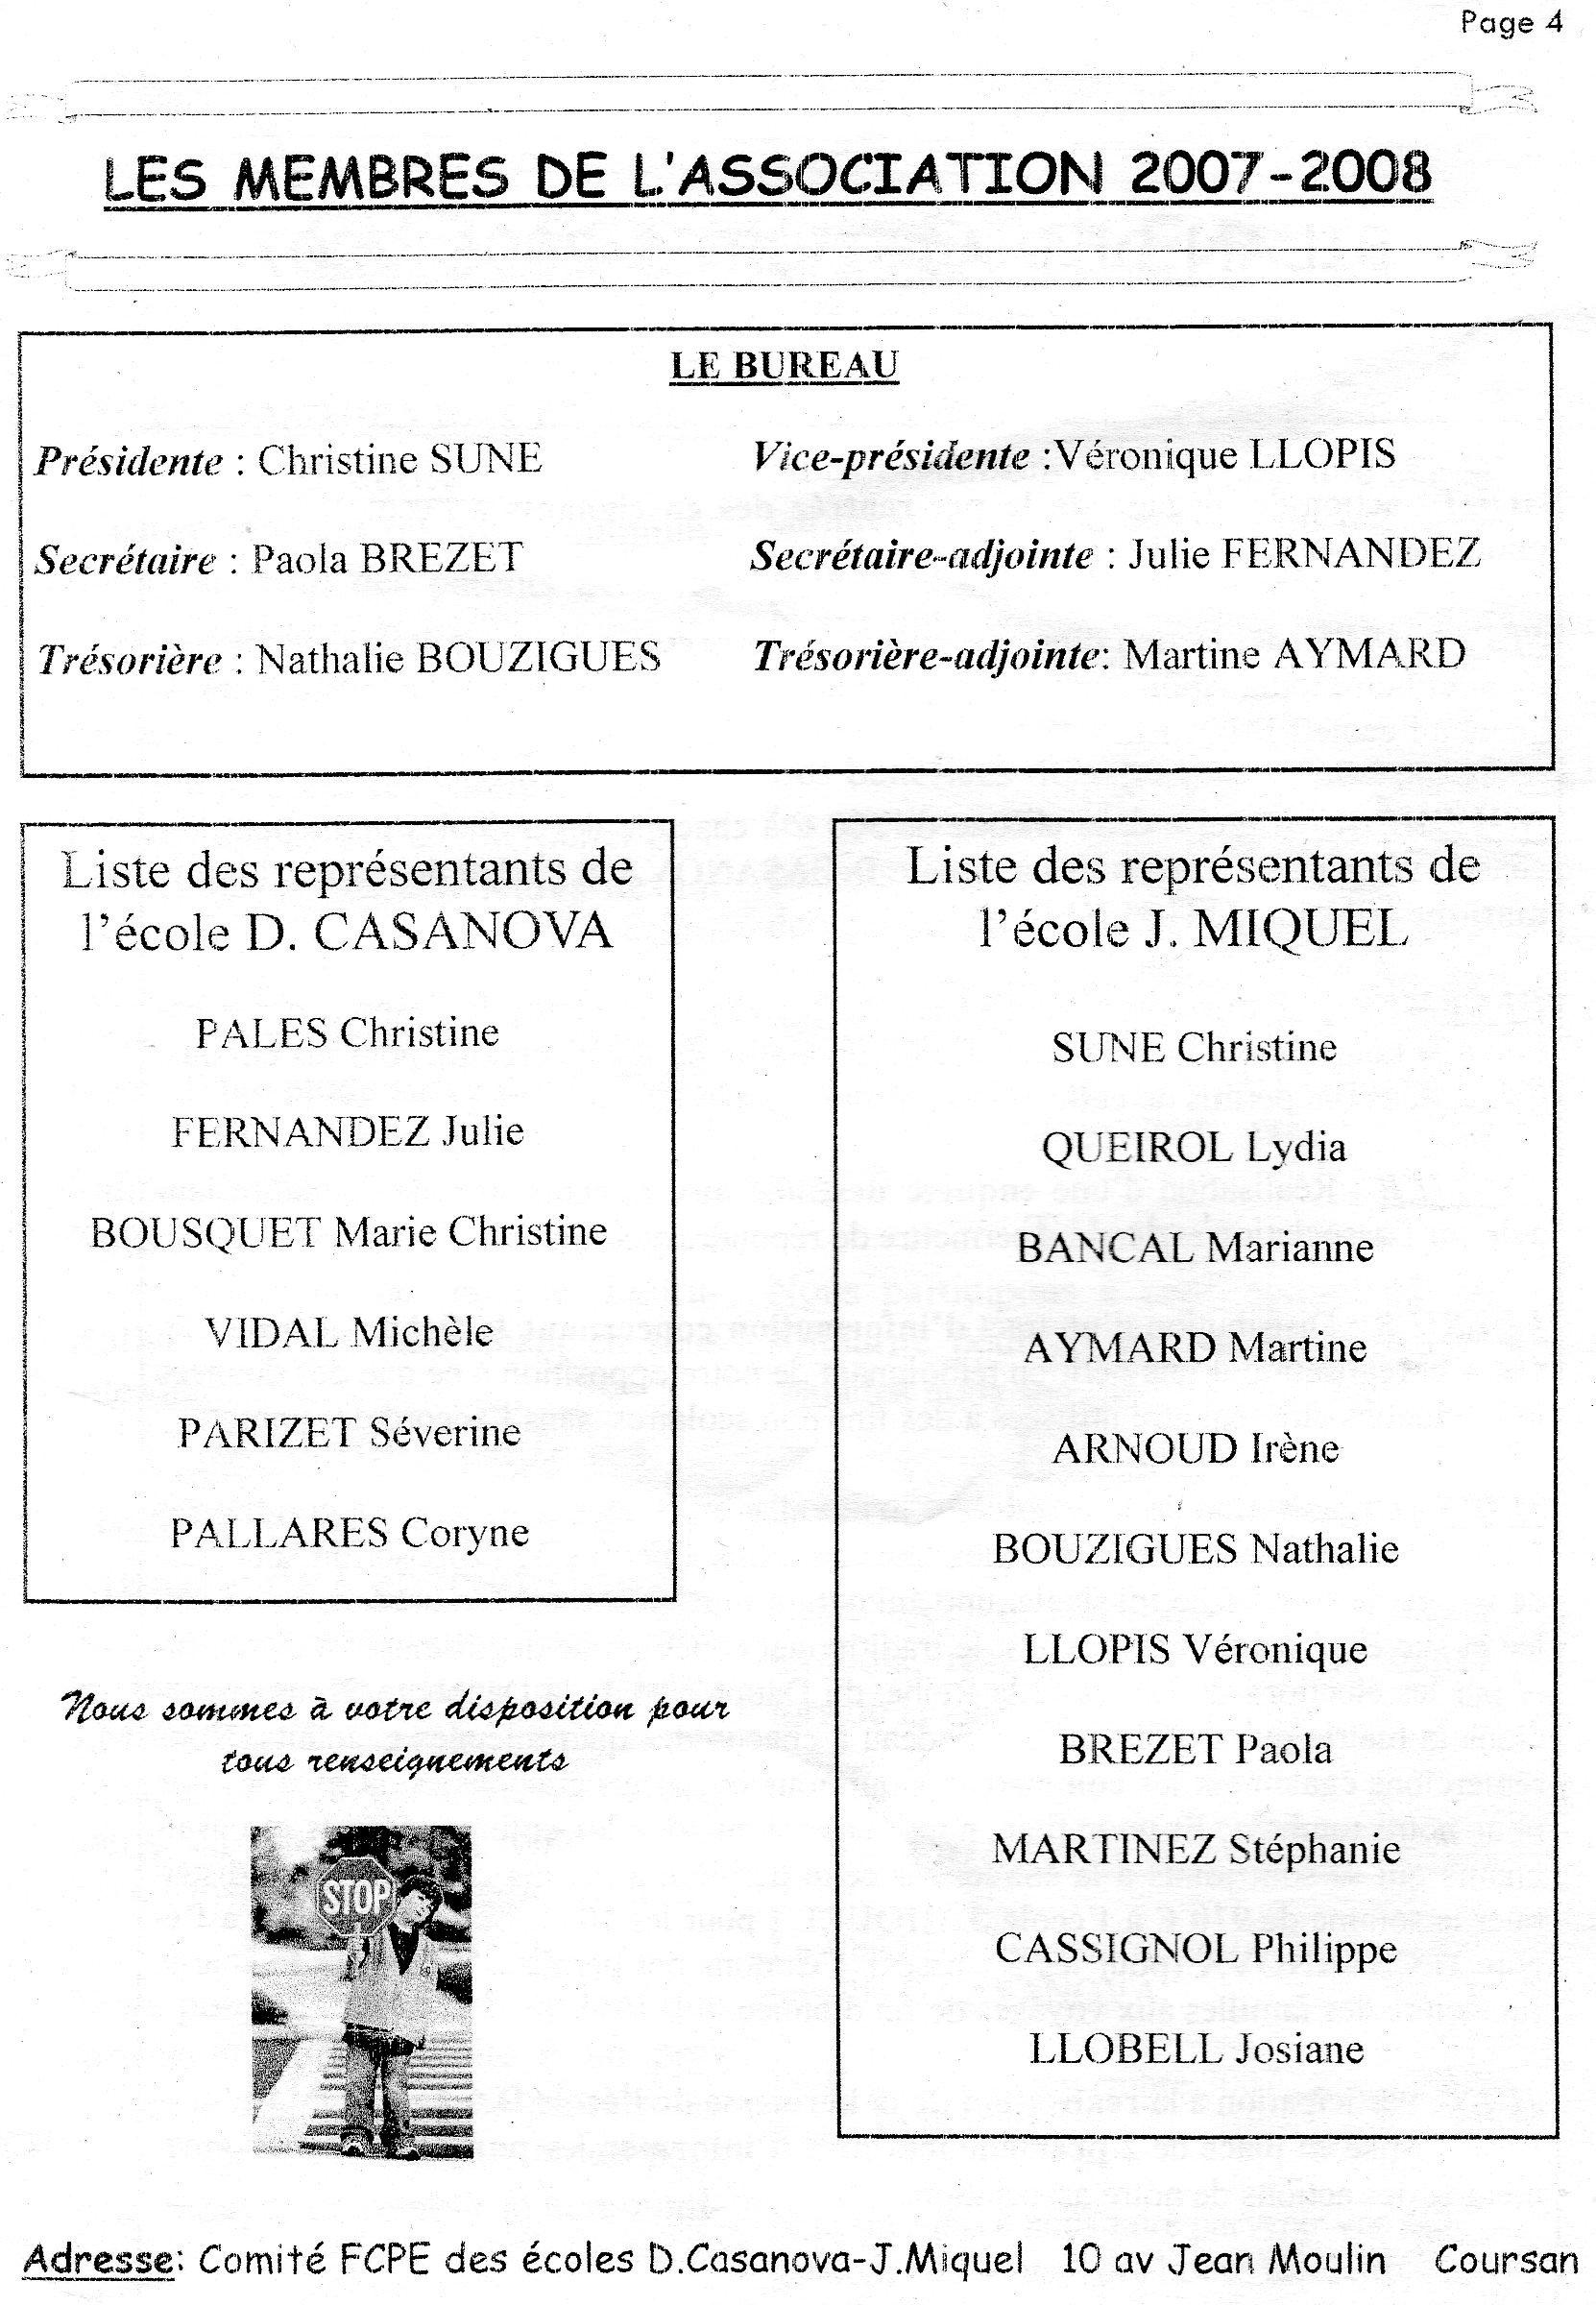 Bulletin d'information du Comité 2007